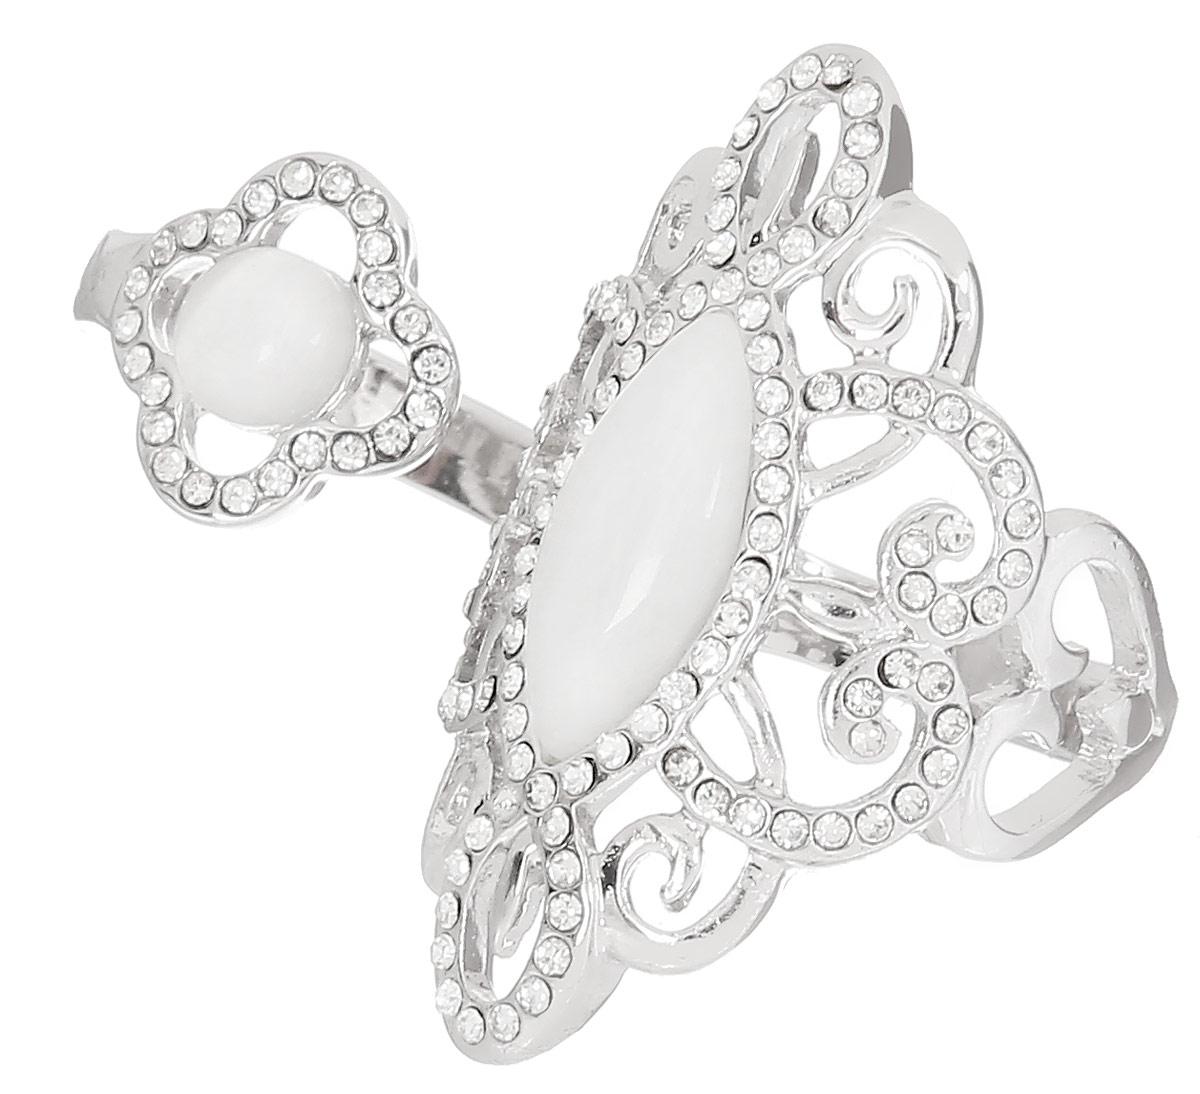 Кольцо на два пальца Art-Silver, цвет: серебристый. 069016-1319. Размер 19069016-1319Стильное кольцо на два пальца Art-Silver изготовлено из бижутерного сплава. Изделие надевается на два соседних пальца. Изделие оформлено мелкими цирконами и натуральным камнем кошачий глаз. Стильное кольцо придаст вашему образу изюминку и подчеркнет индивидуальность.